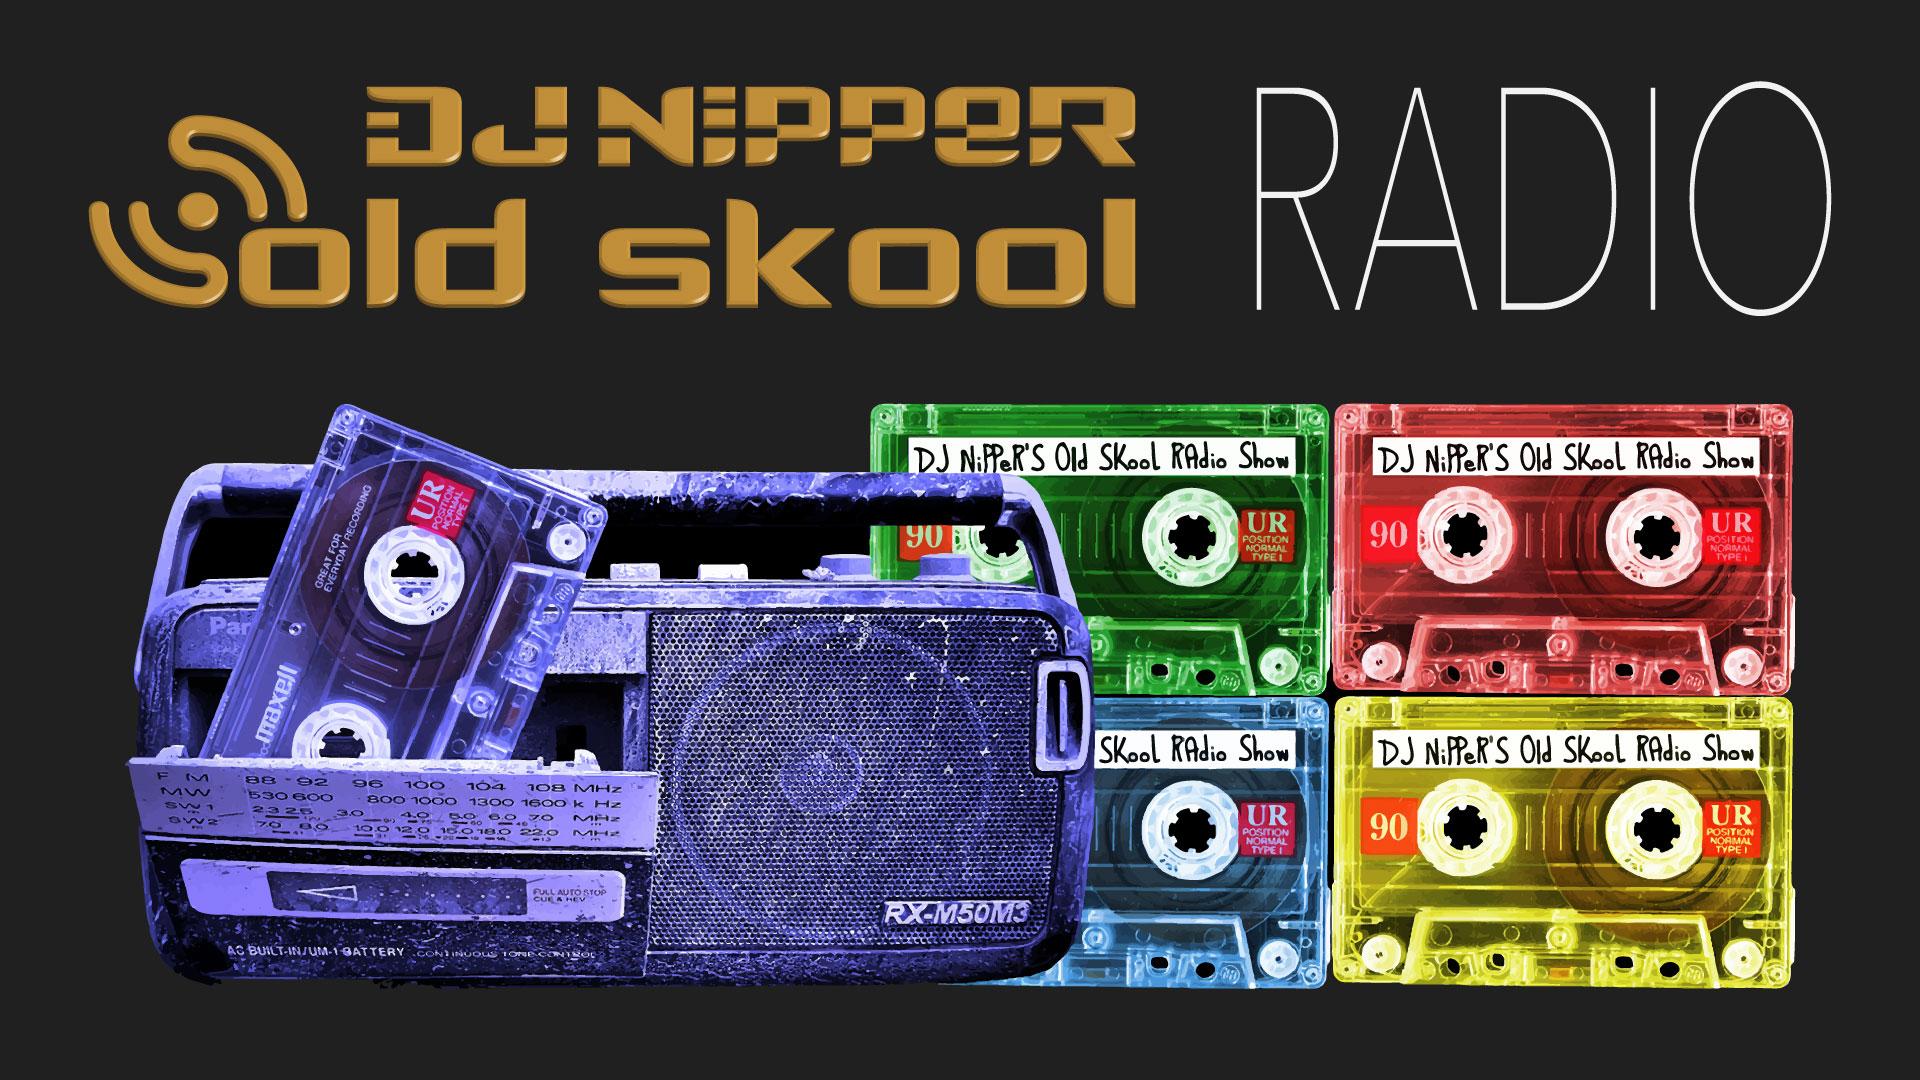 Old Skool Radio